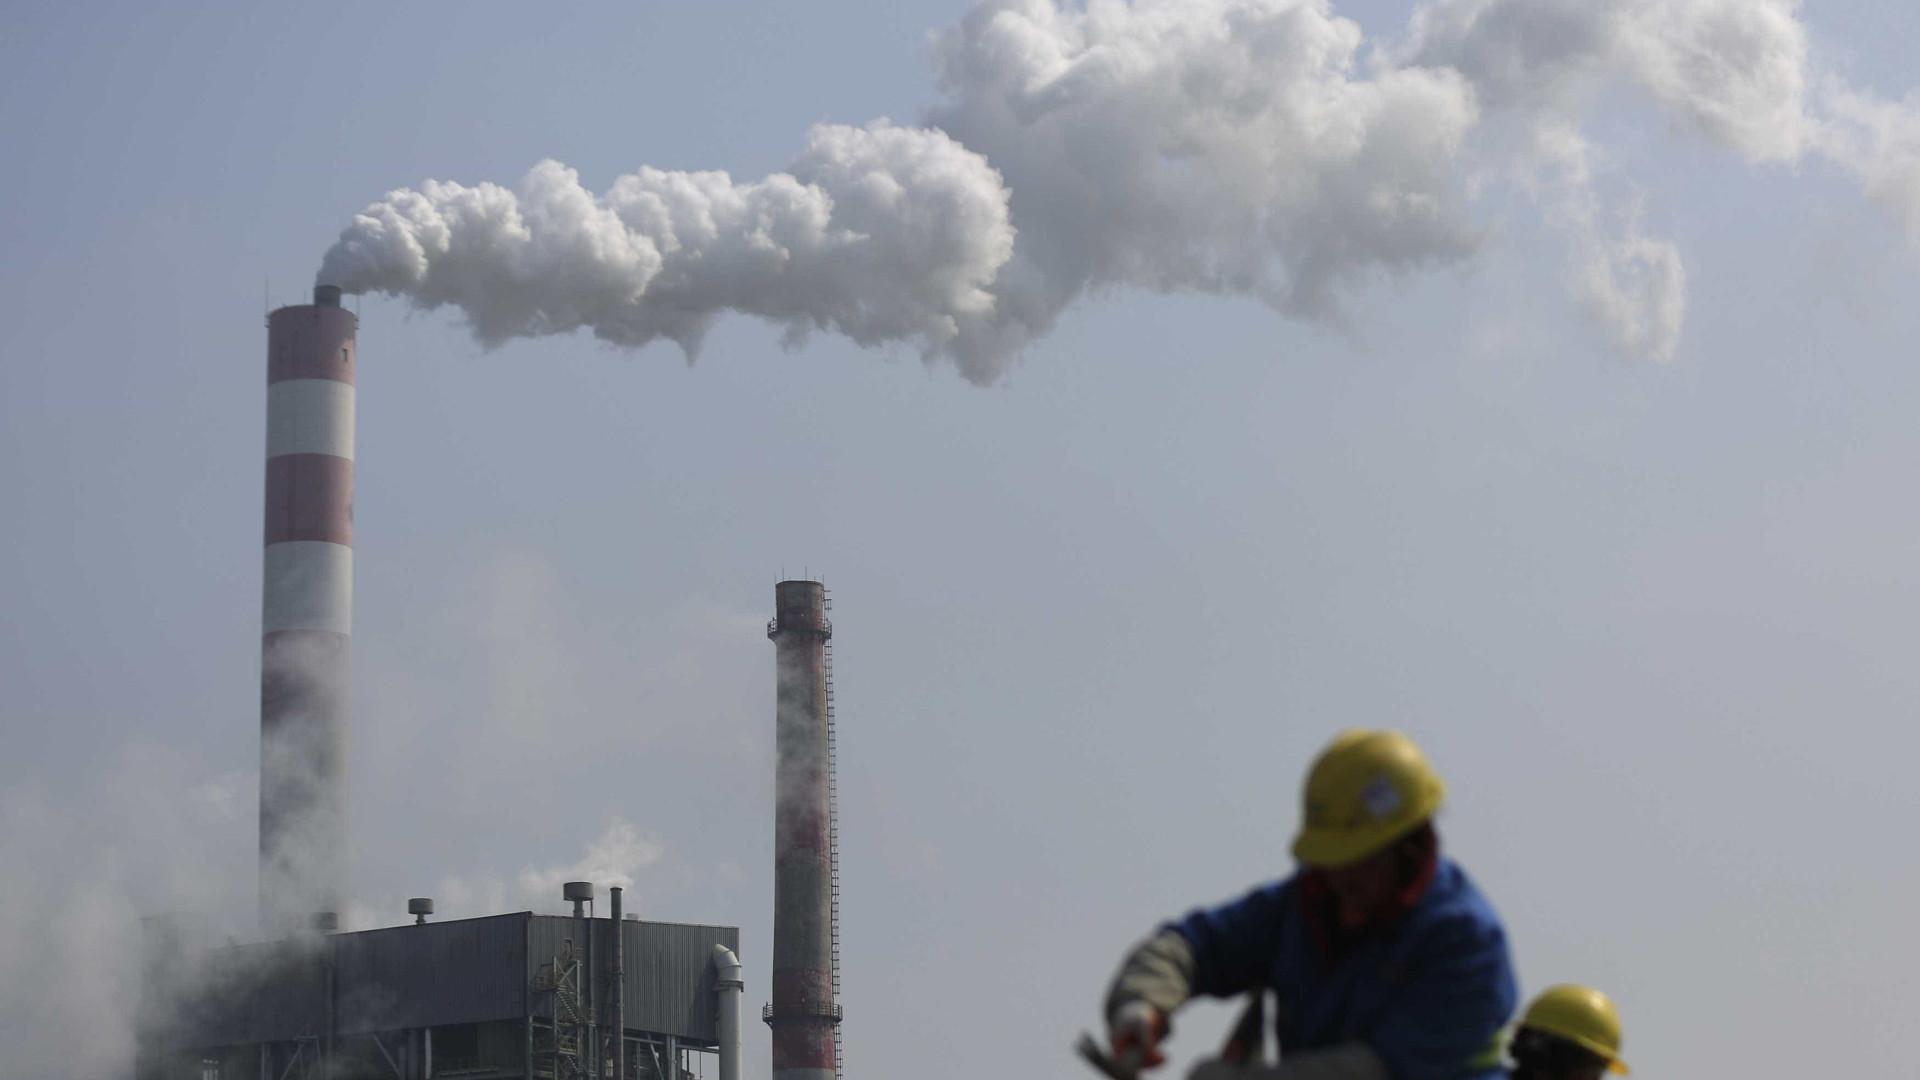 Meio Ambiente: verba de combate à mudança climática quase zera